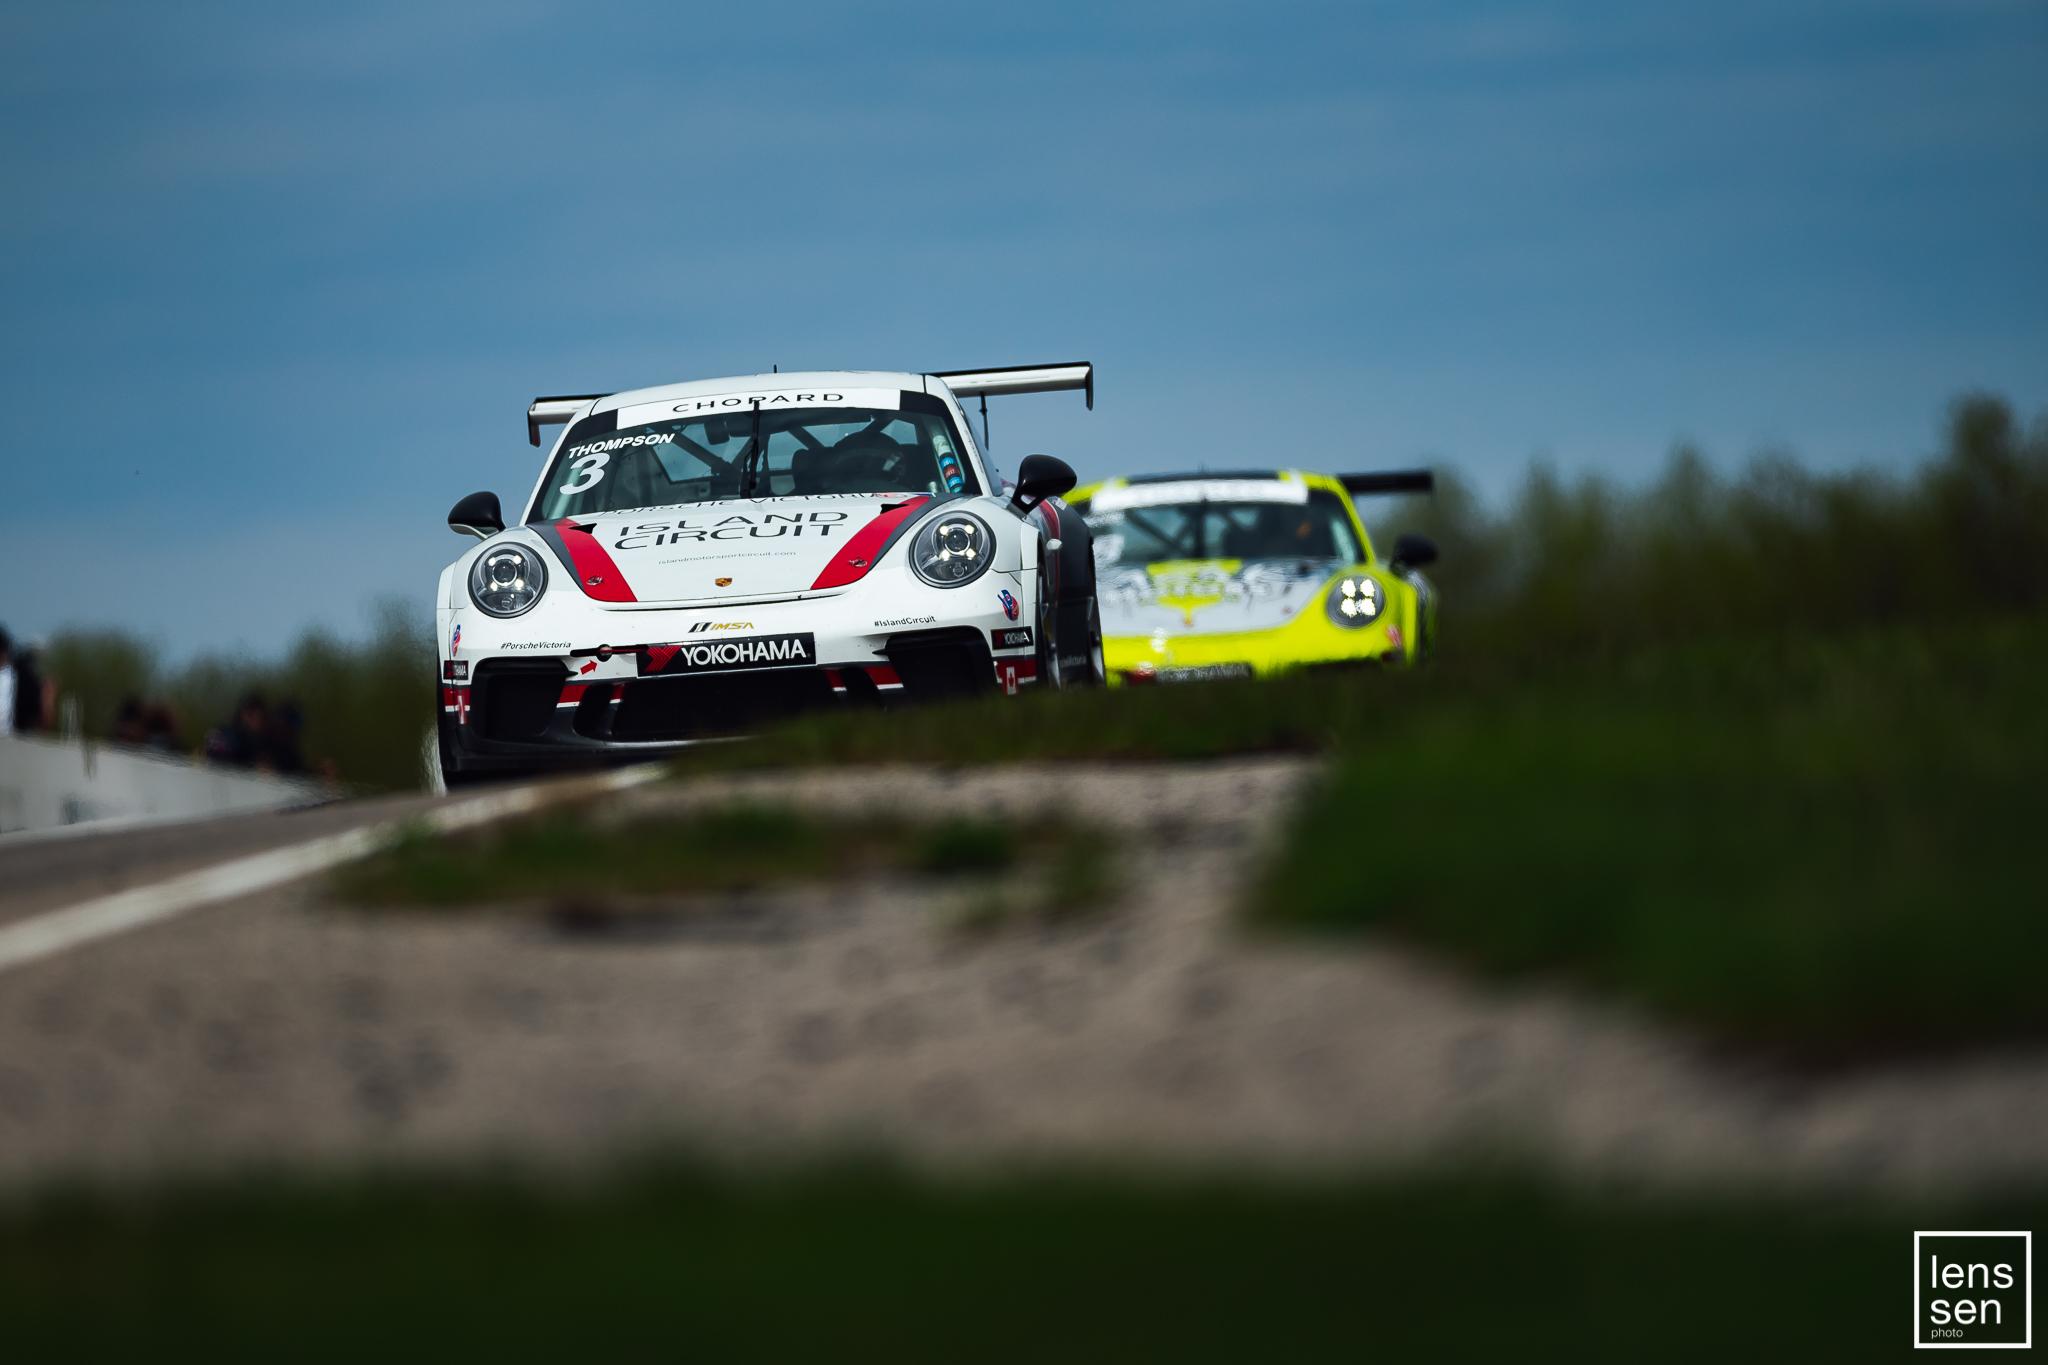 Porsche GT3 Cup Challenge Canada - 052019 - CTMP Mosport VDS 2019 - Lenssen Photo - 154 -8339.jpg